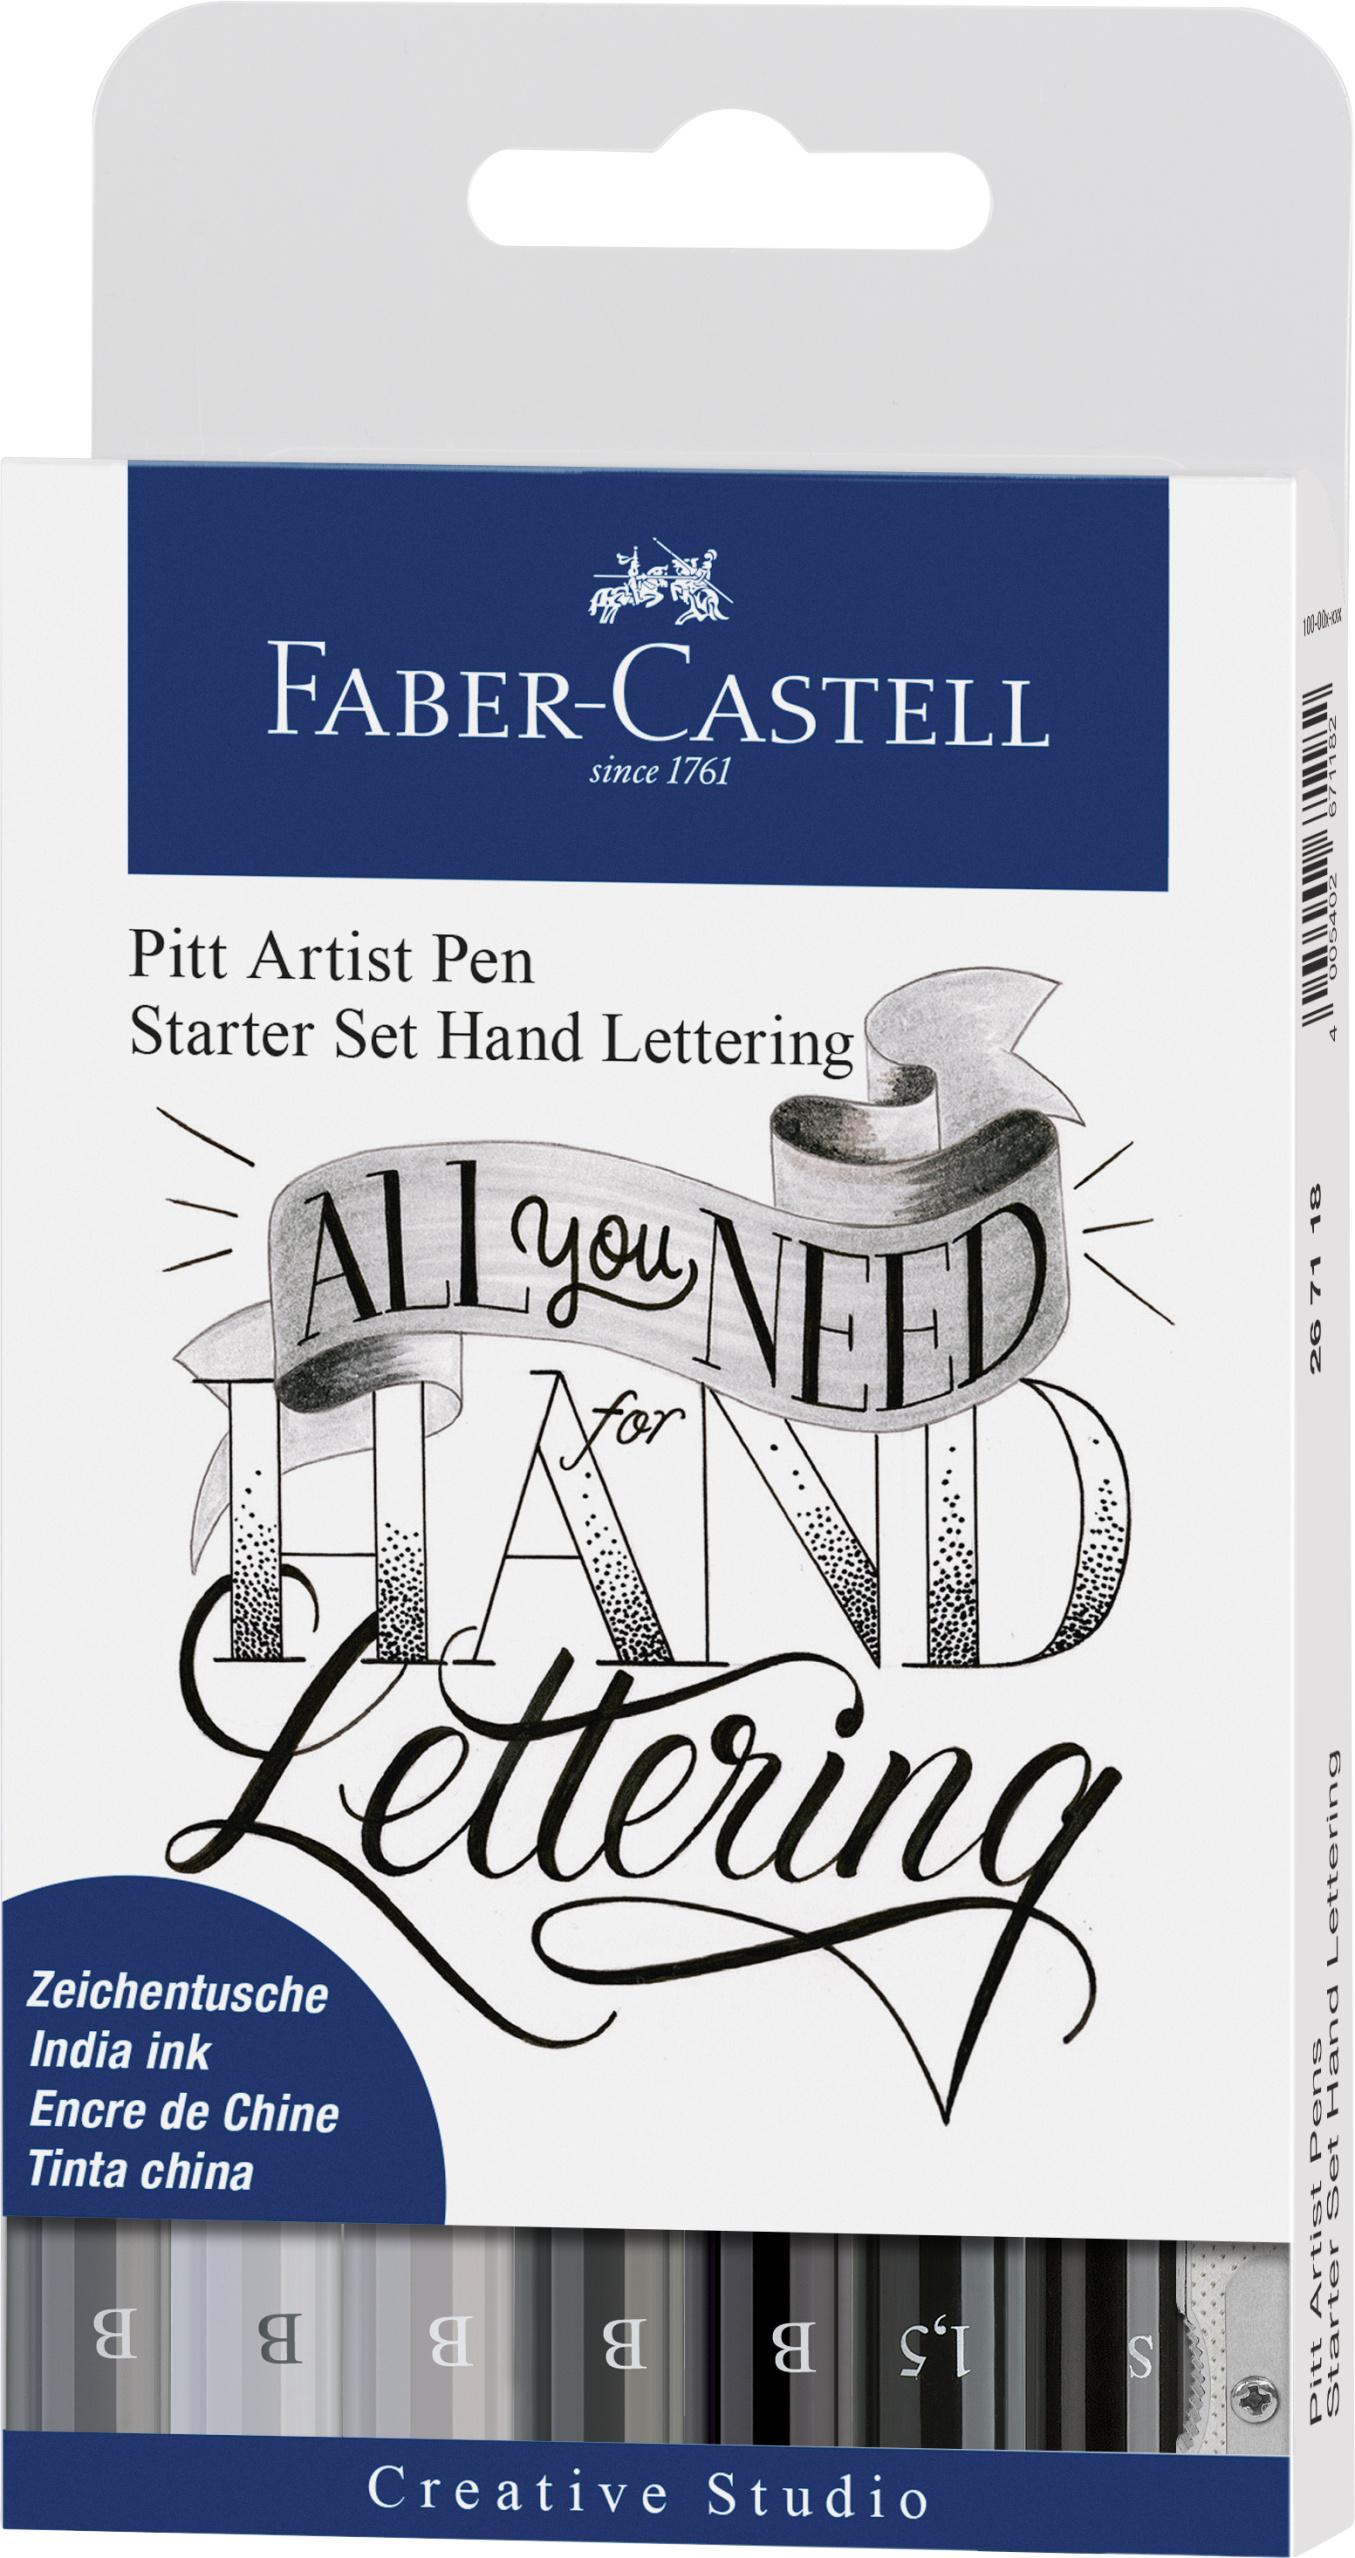 Faber-Castell Pitt Artist Pen Starterset Handlettering # lettering